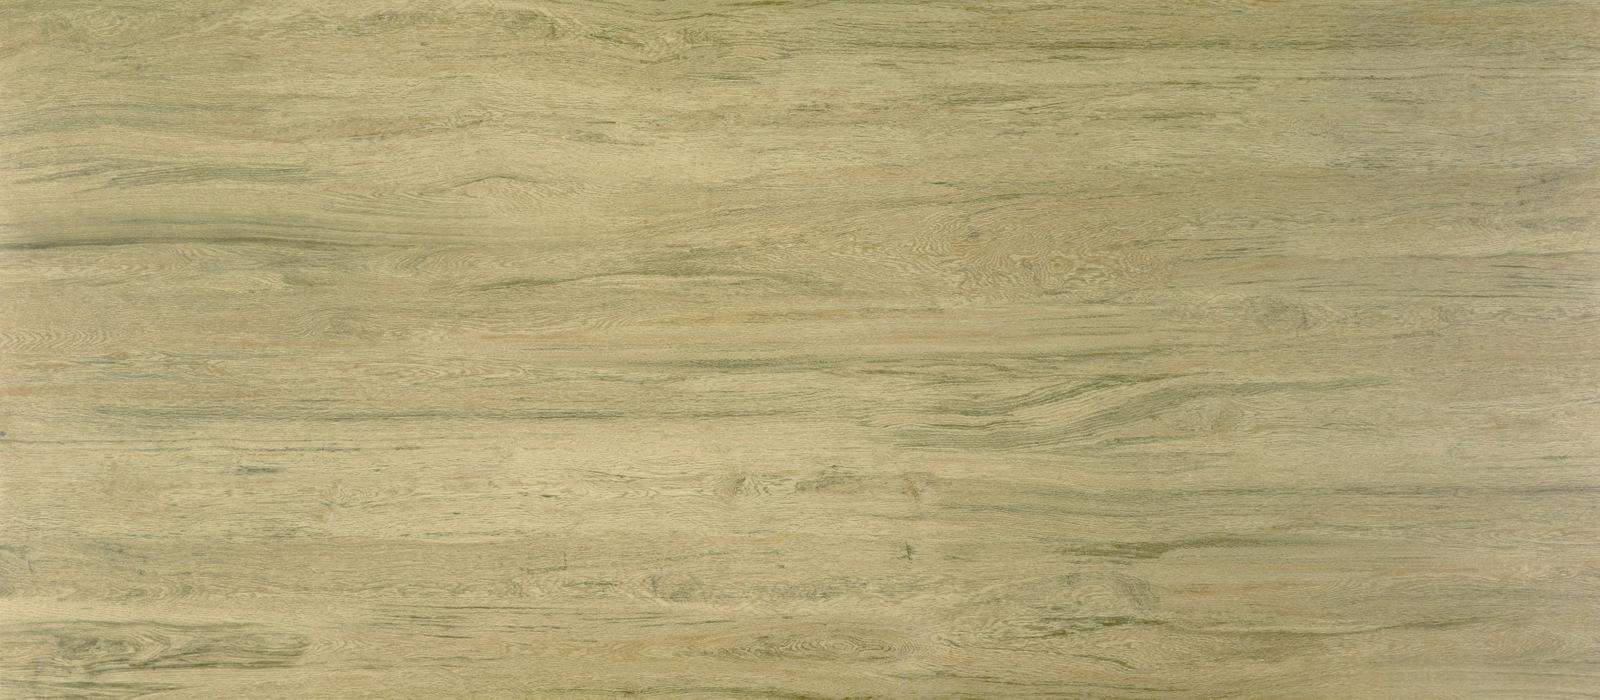 Plan De Travail Granit Beige devis habillage de cheminée en granit lège-cap-ferret 33950